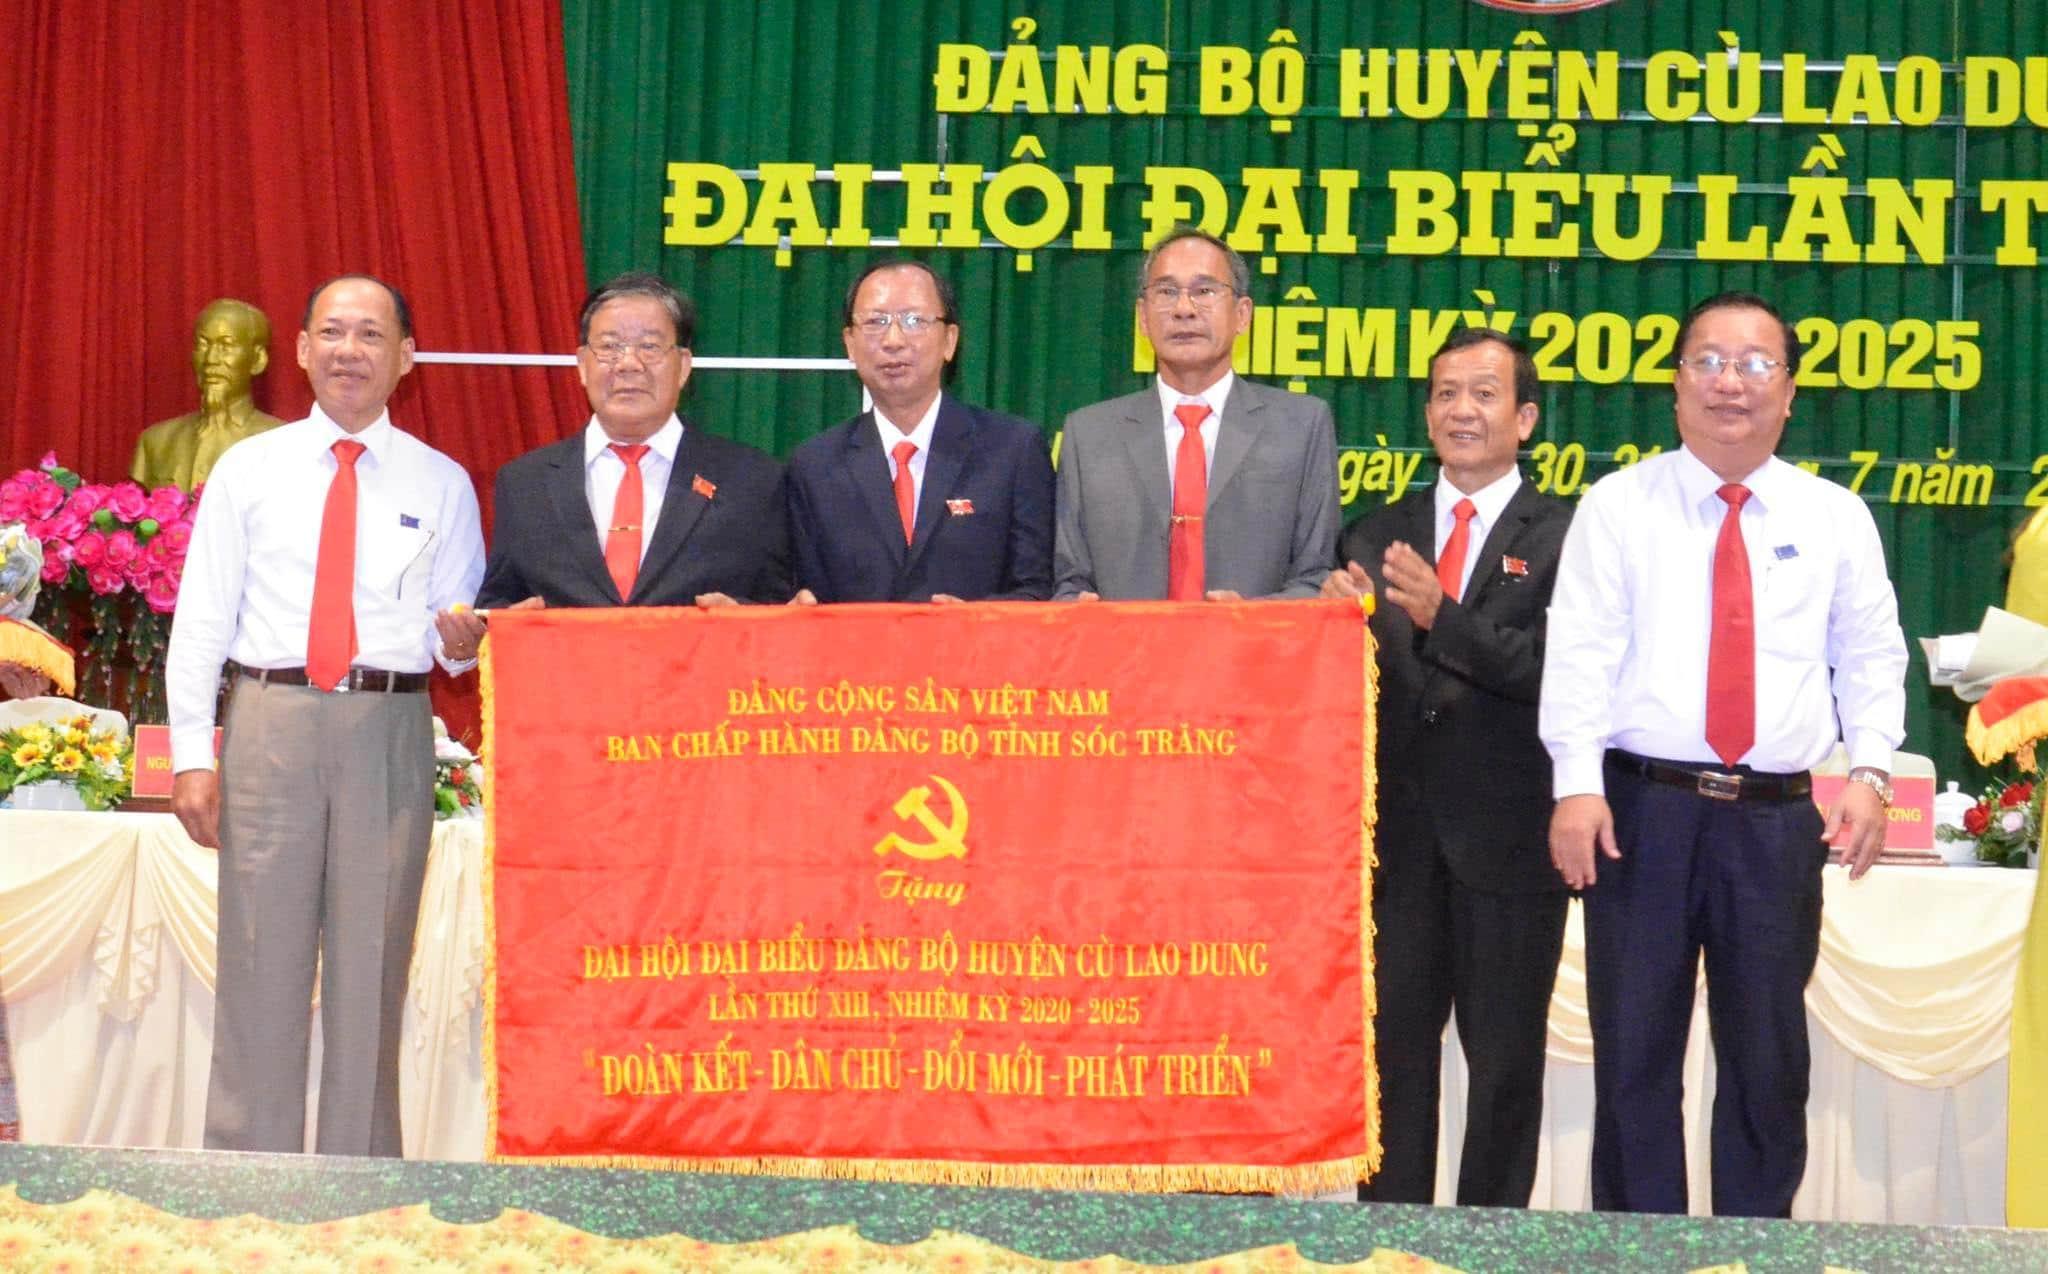 Ông Trần Văn Chuyện (ngoài cùng bên phải), Phó Bí thư Tỉnh ủy, Chủ tịch UBND tỉnh Sóc Trăng trao bức trướng của Ban Thường vụ Tỉnh ủy chúc mừng Đại hội